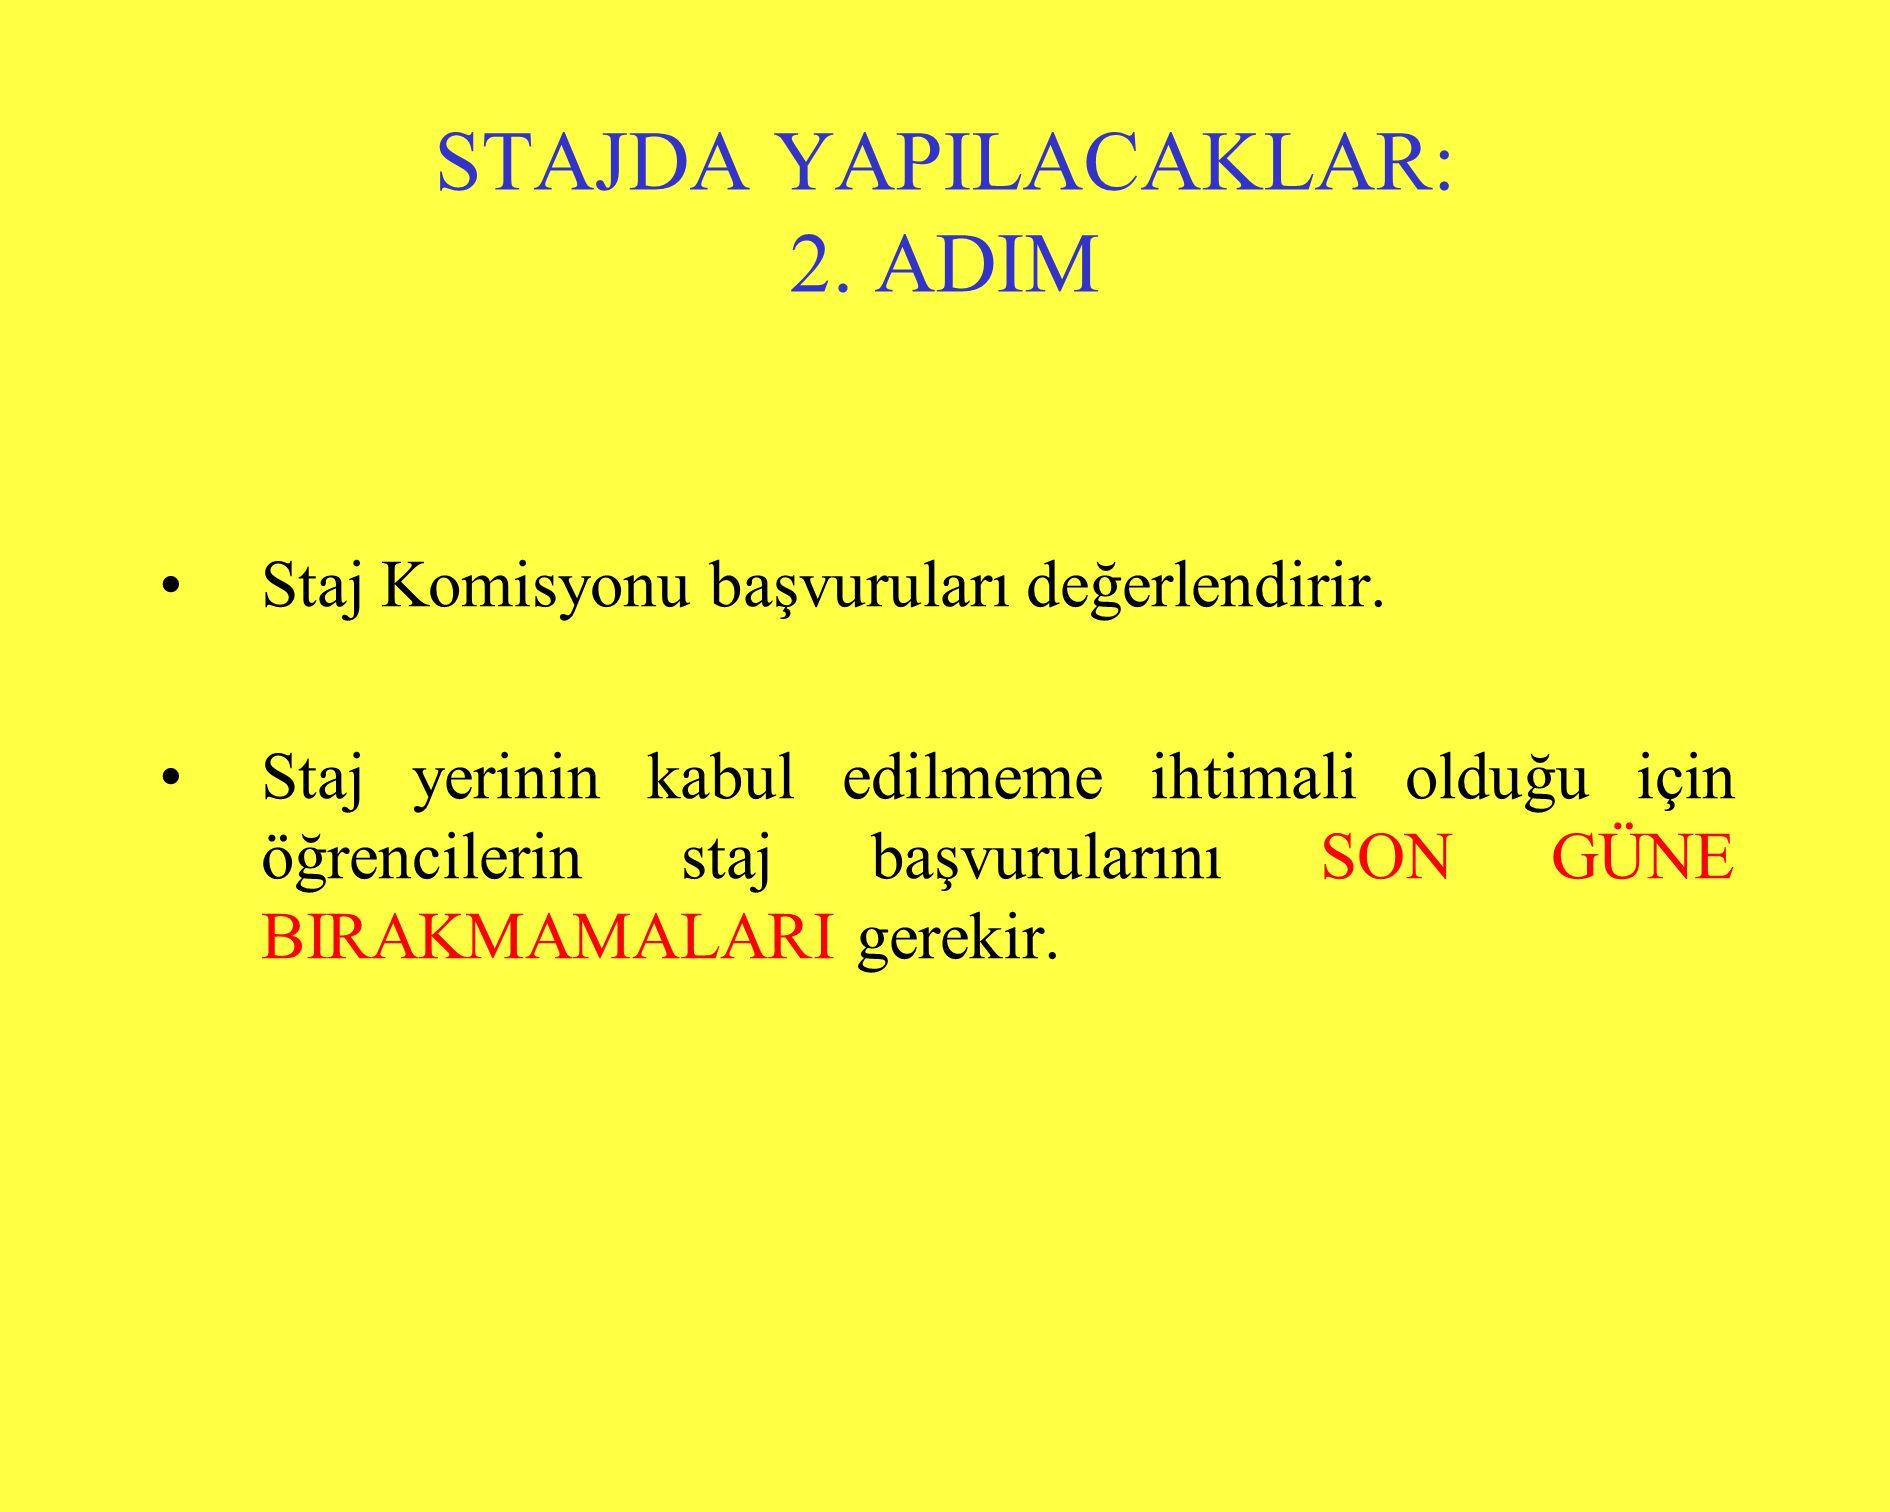 STAJDA YAPILACAKLAR: 2. ADIM